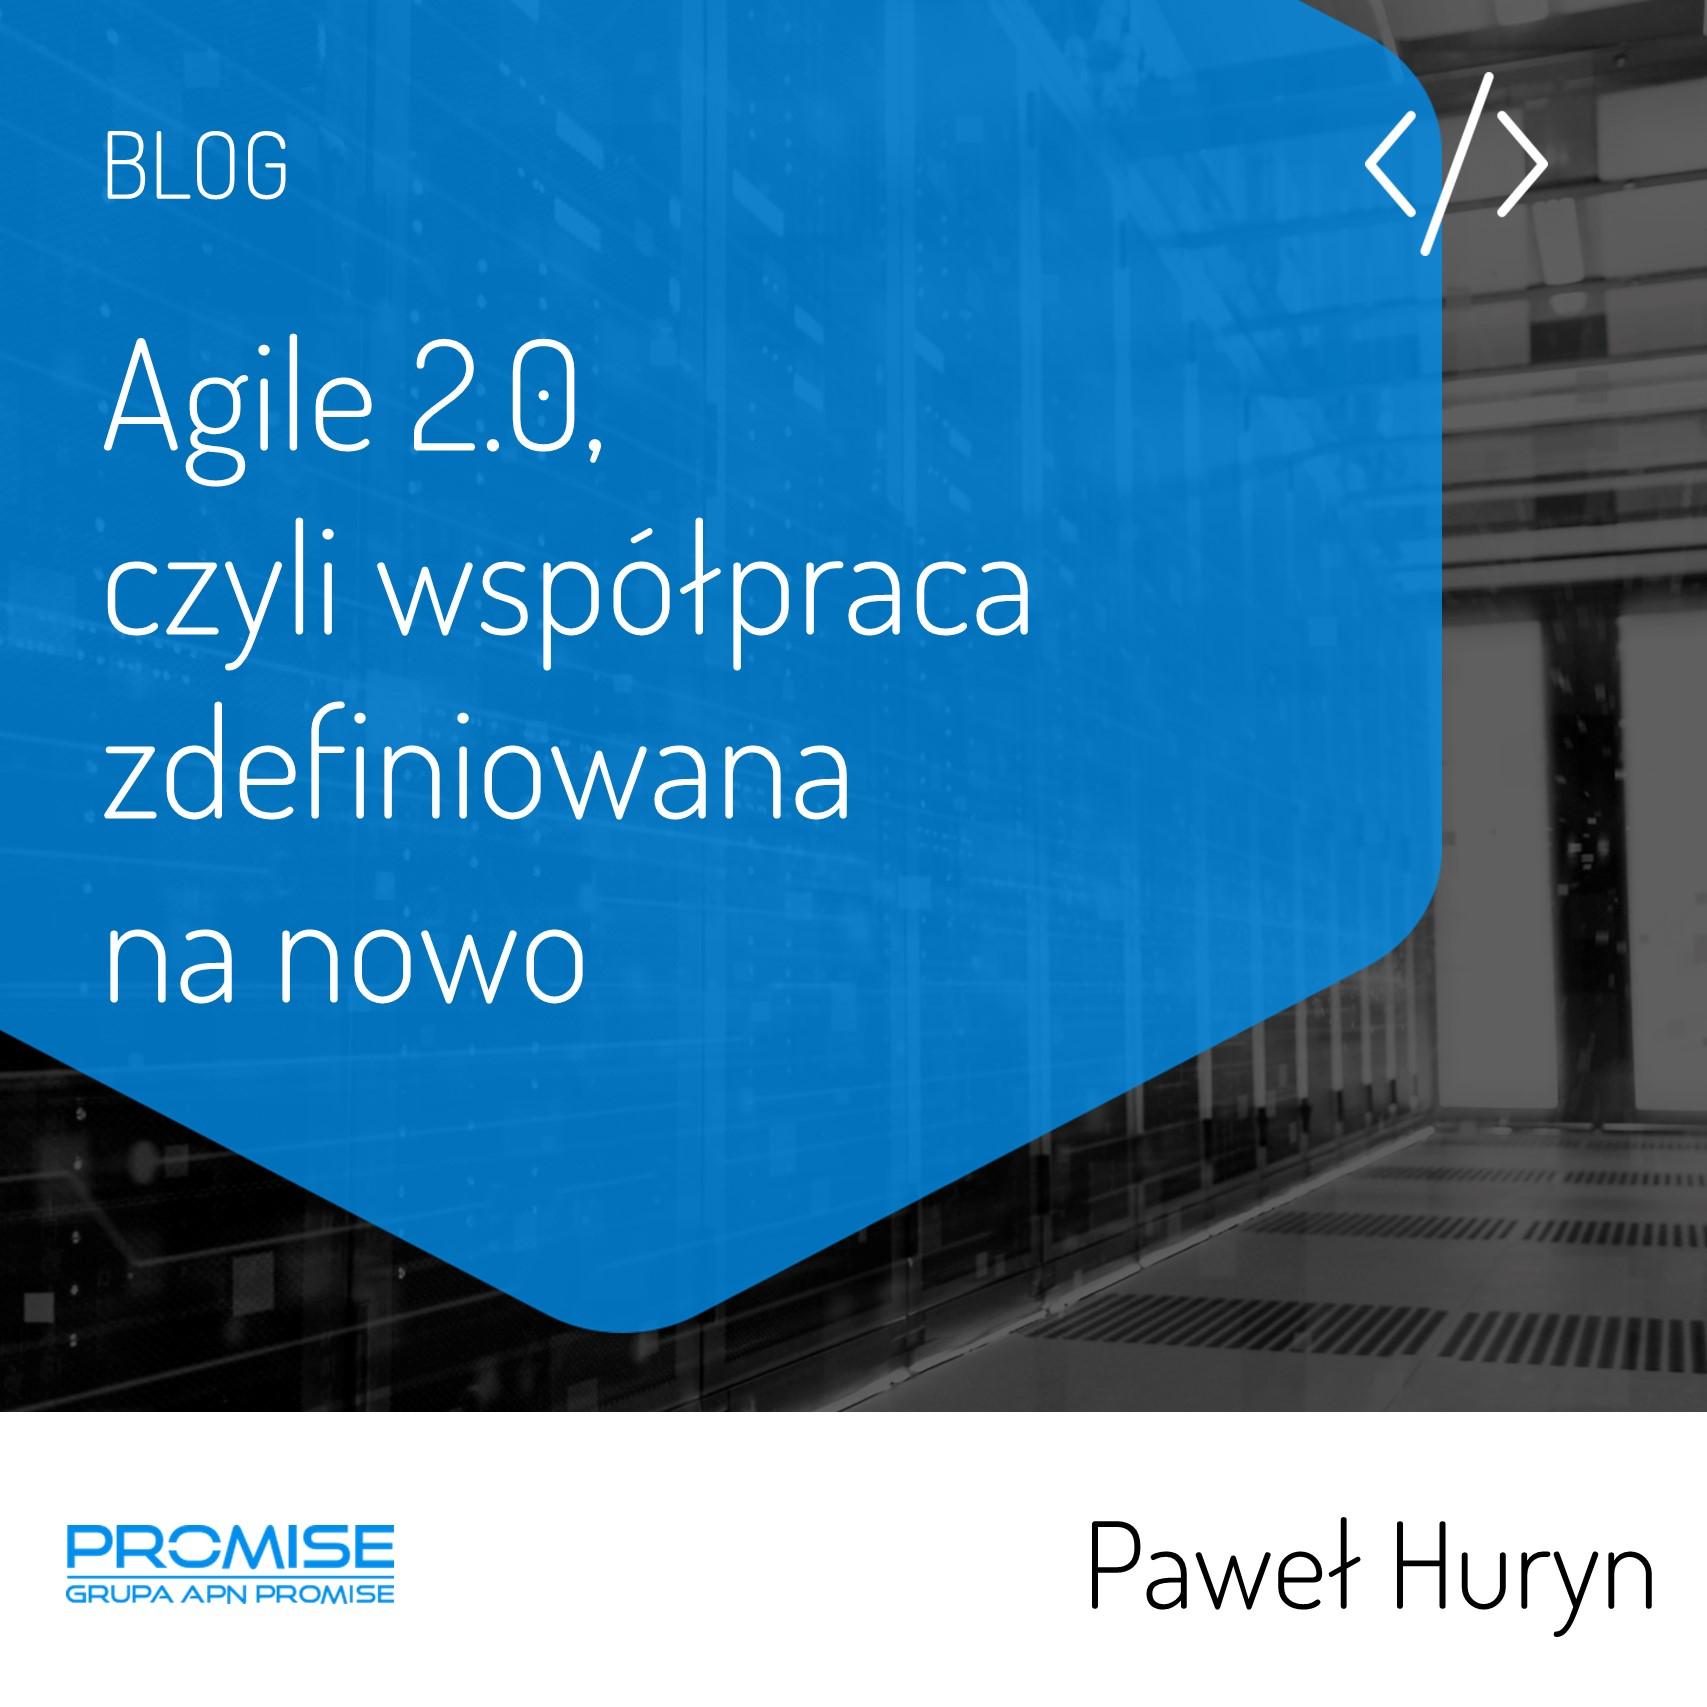 Agile 2.0, czyli współpraca zdefiniowana na nowo